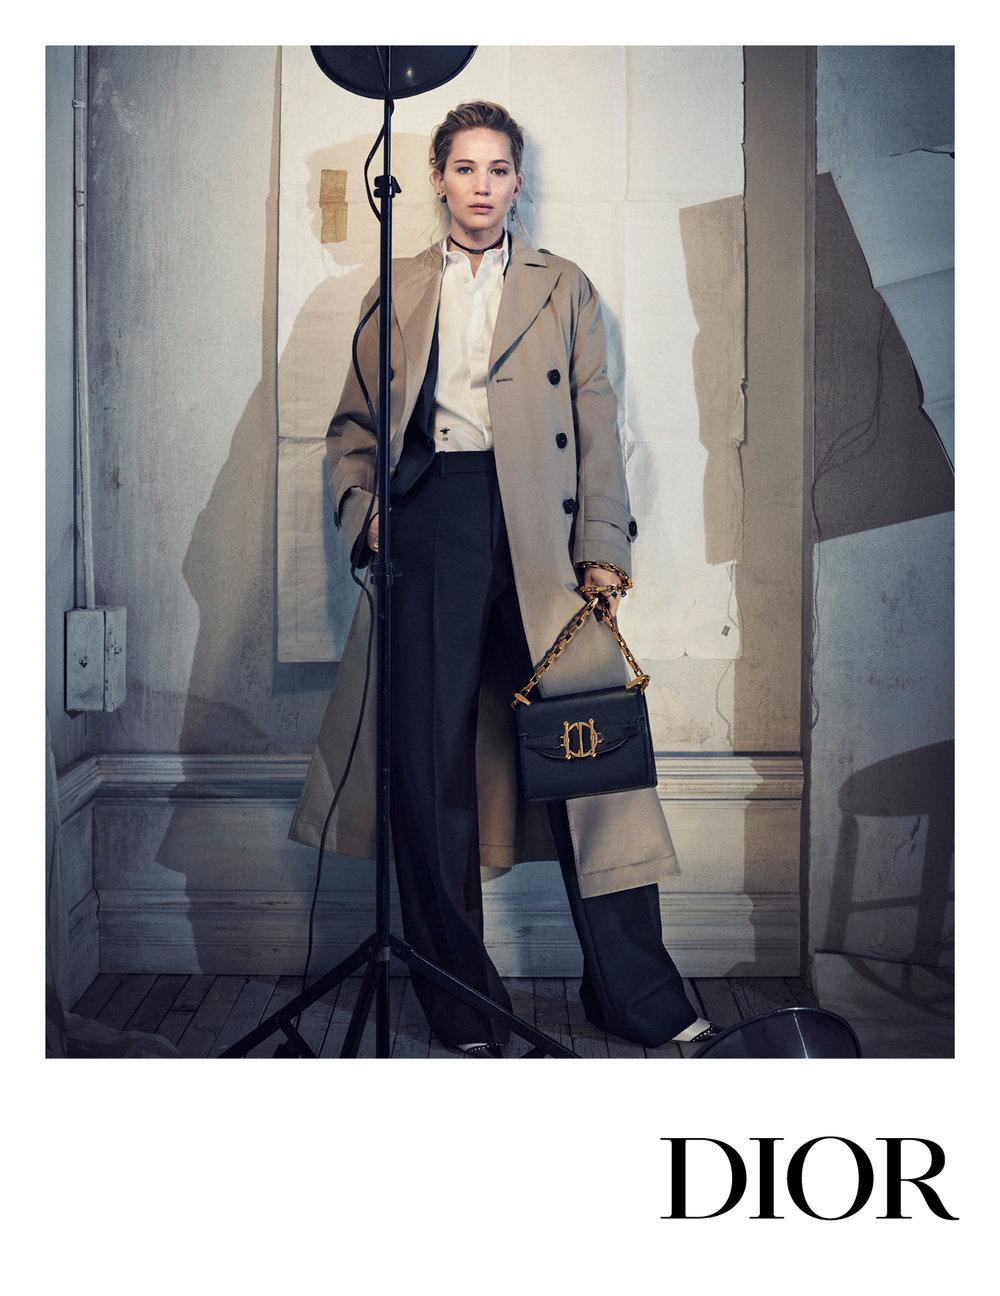 180509_Dior JL_PF18_Layouts_Shot01_SP.jpg